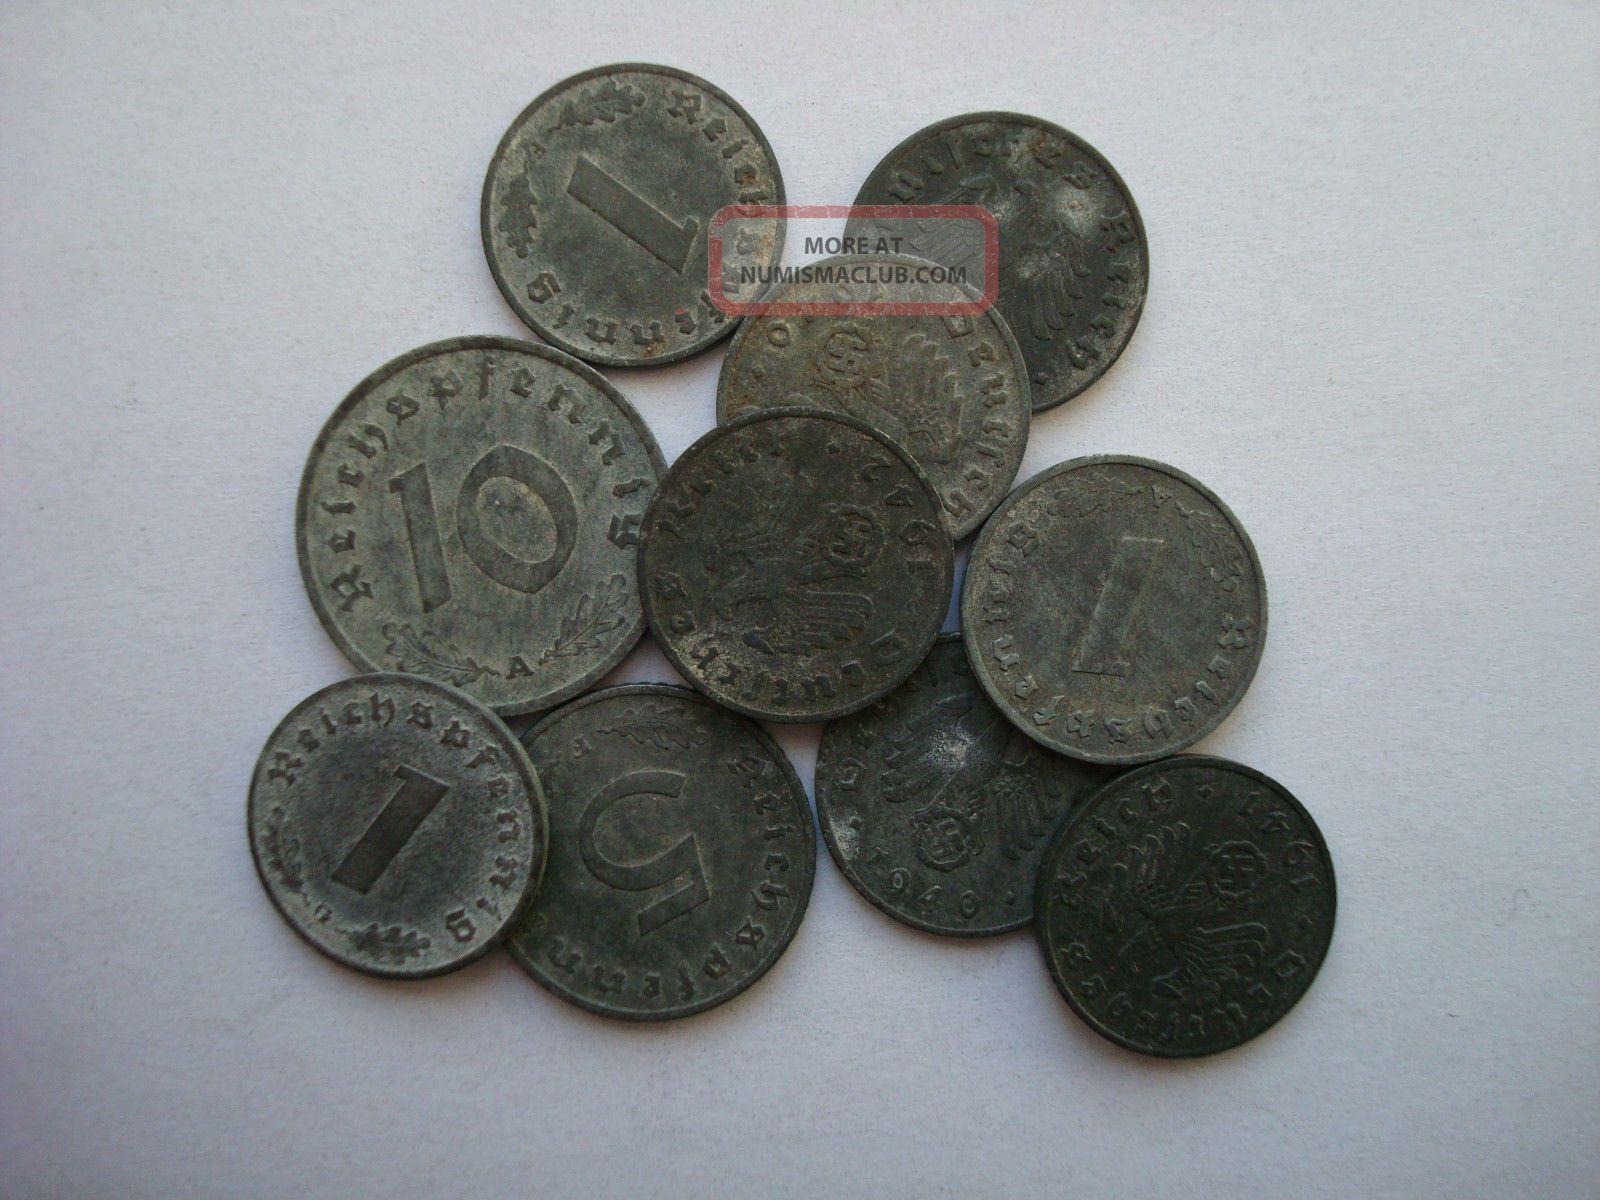 1 5 10 Reichspfennig 1940 - 1944 German Third Reich Zinc Nazi Swastika Rare Third Reich (1933-45) photo